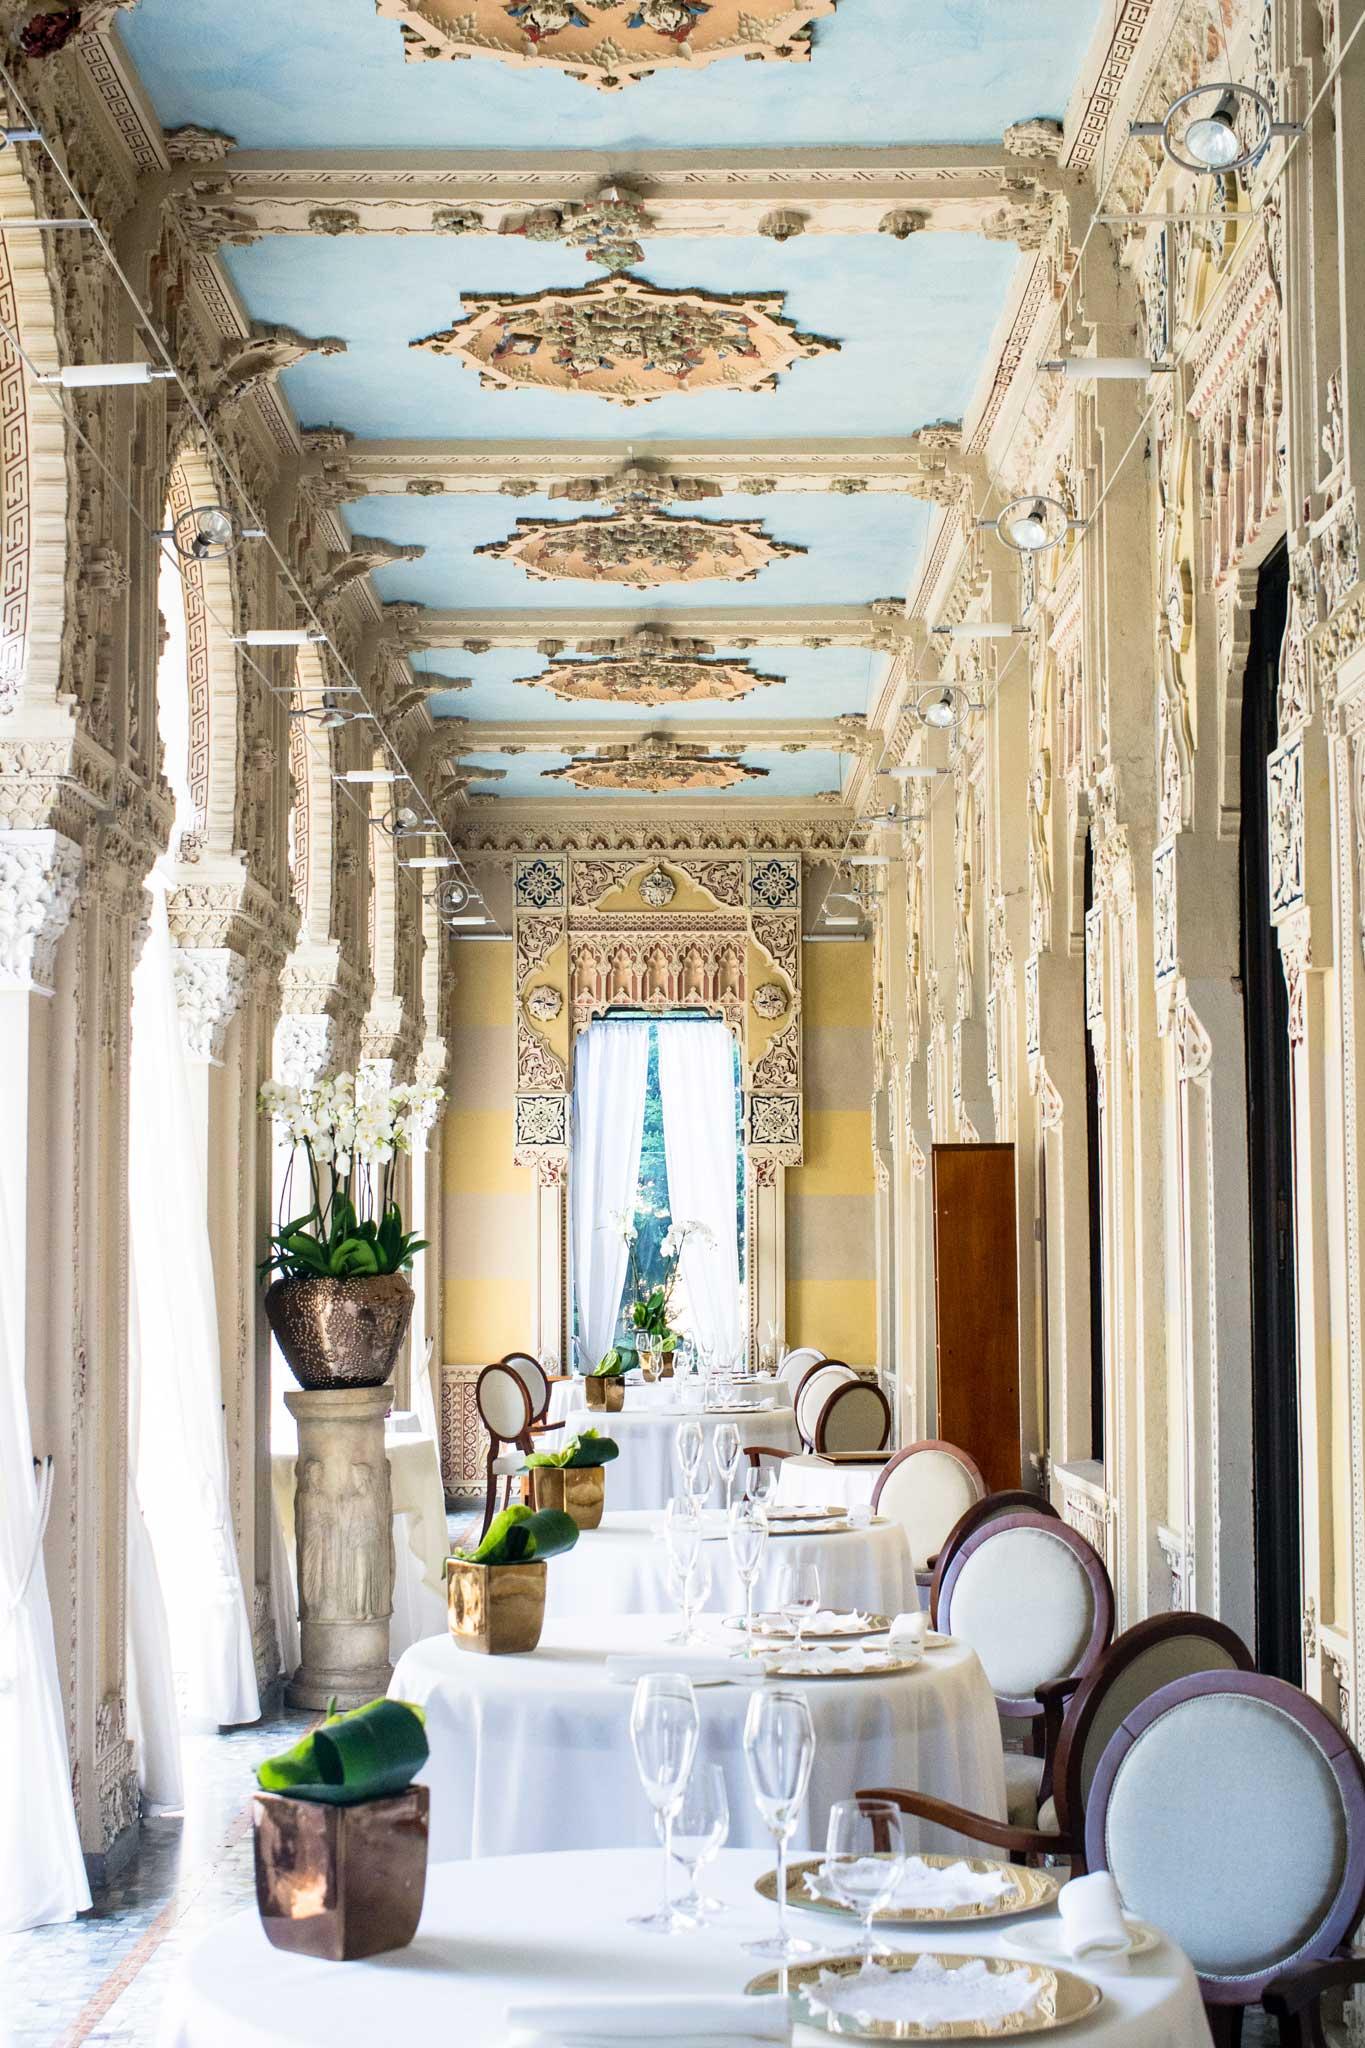 Villa Vecchia Ristorante